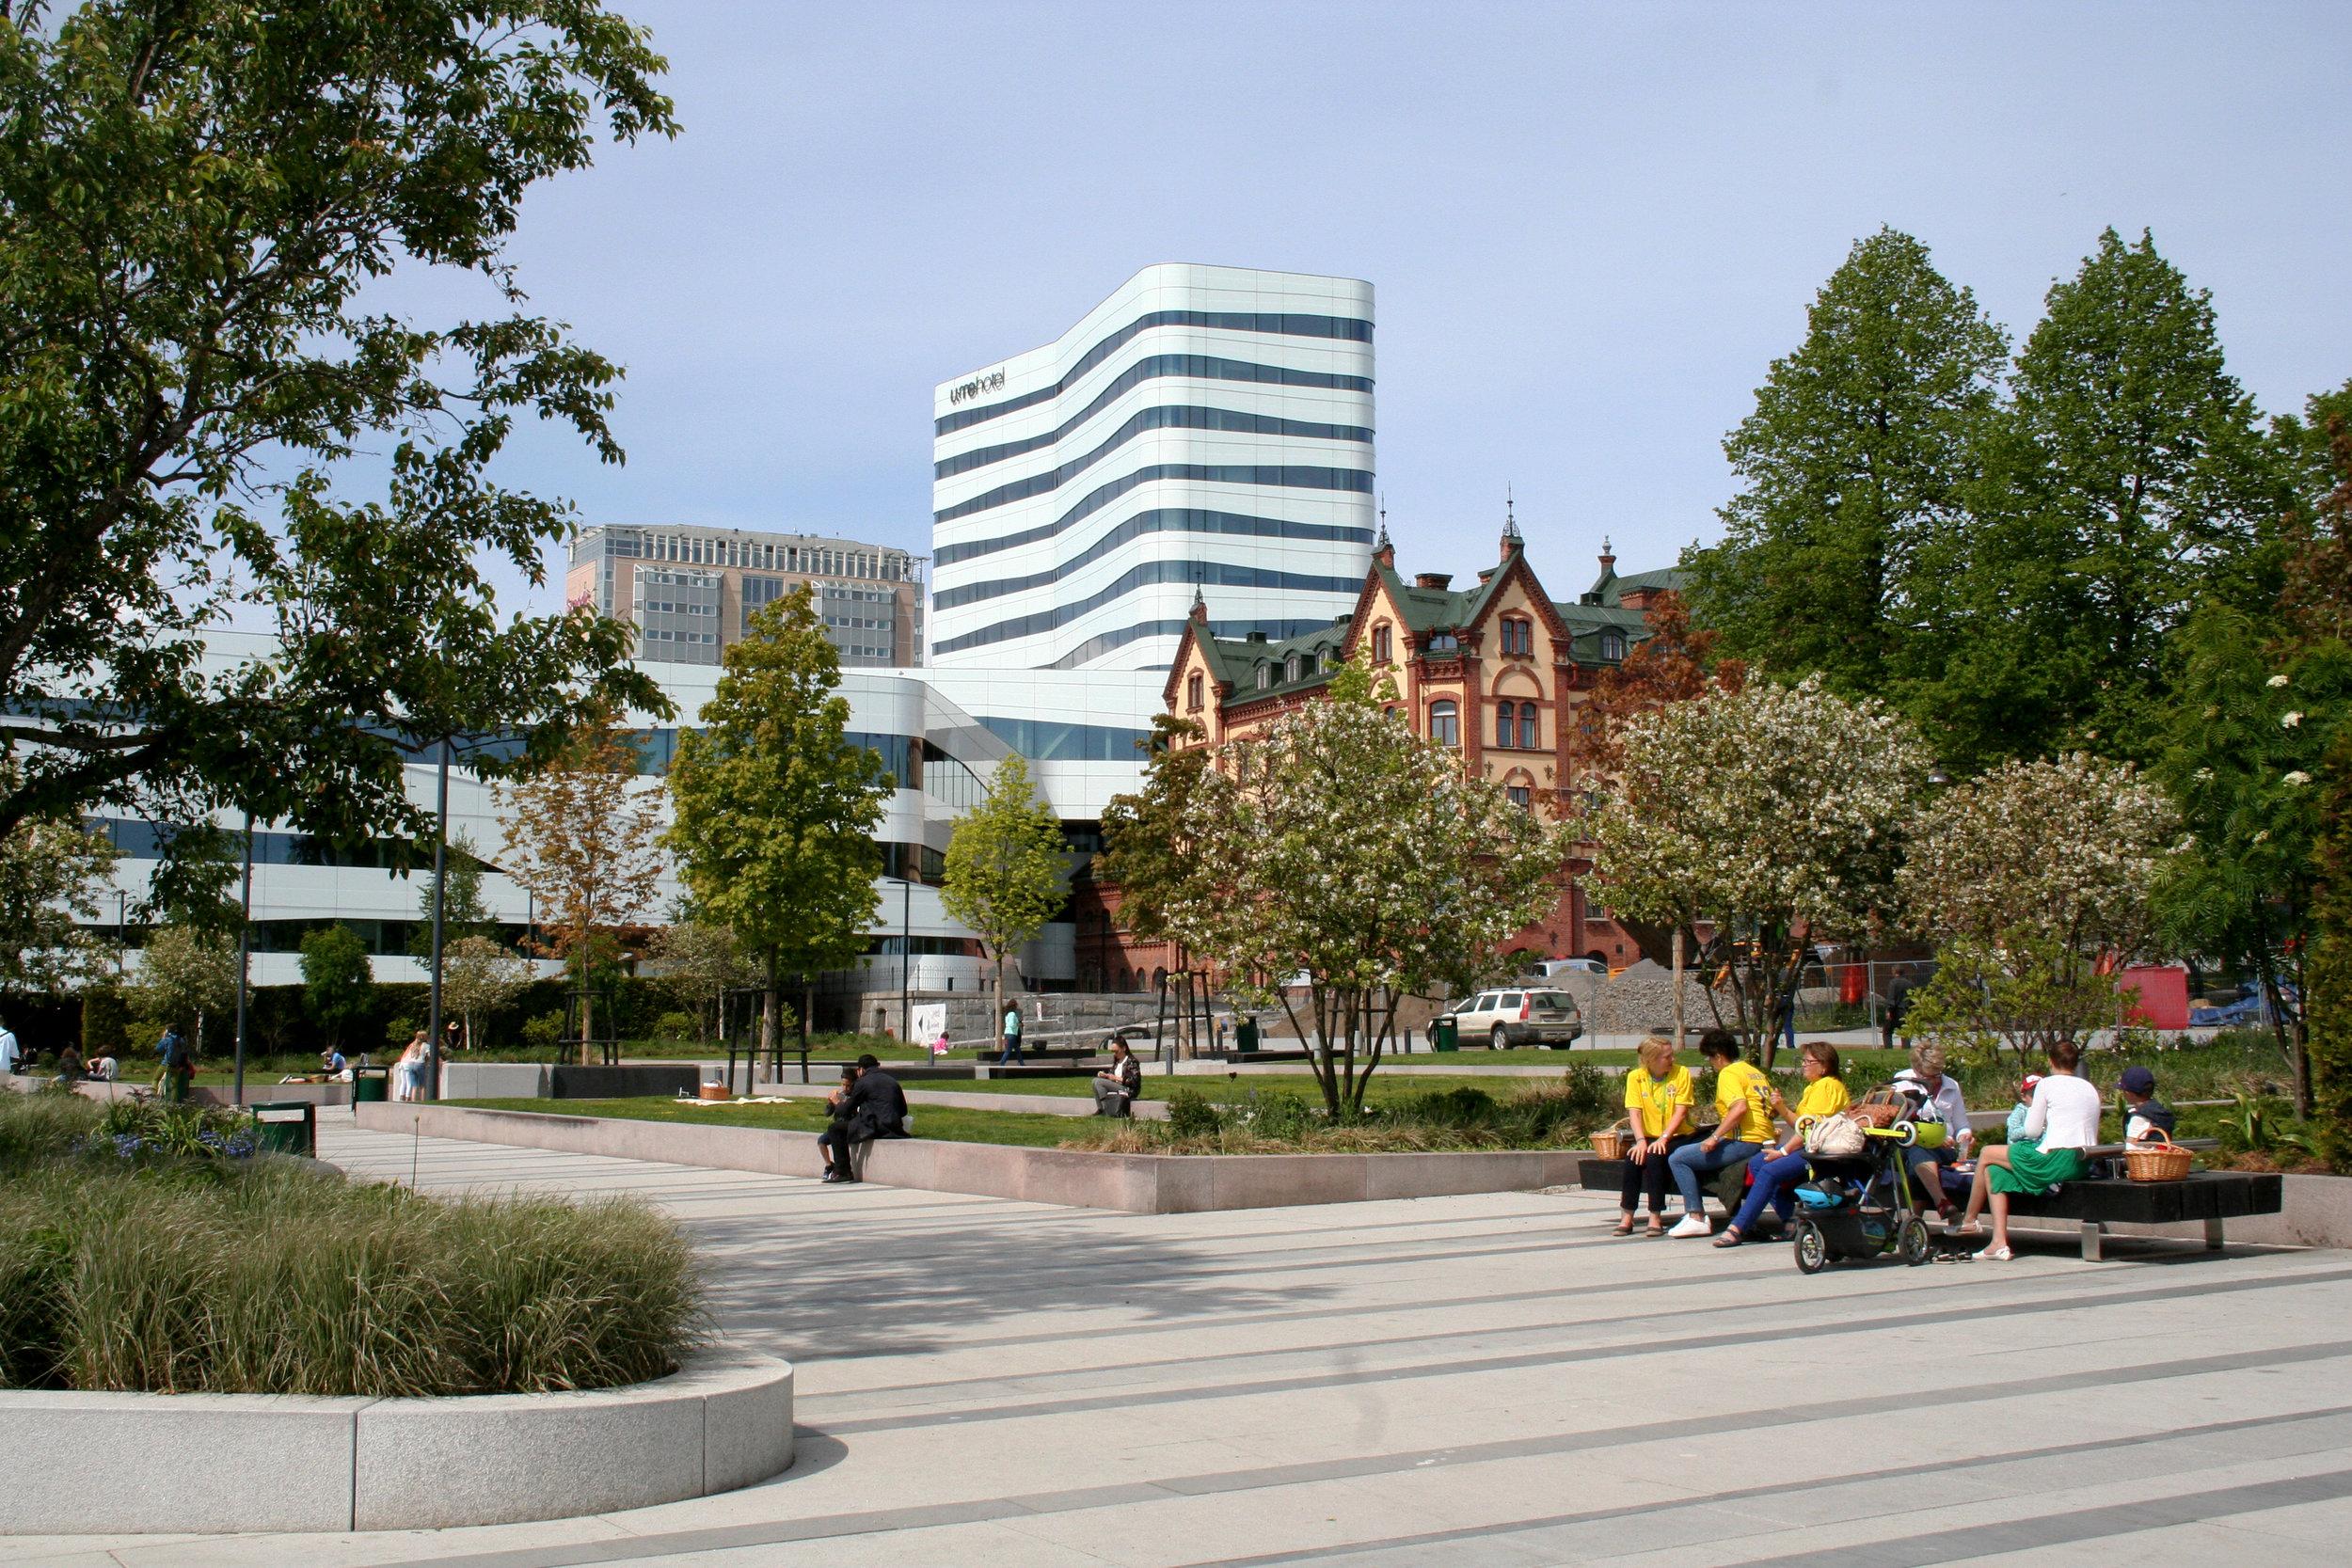 I Umeå kommer 40 miljoner kronor i EU-medel att investeras för att universitetsområdet ska utvecklas till en så kalllad Smart City. Där teknik, marknad och konsumenter ska samverka för hållbara och smarta teknologier och lösningar. Fotograf Sara Stenberg